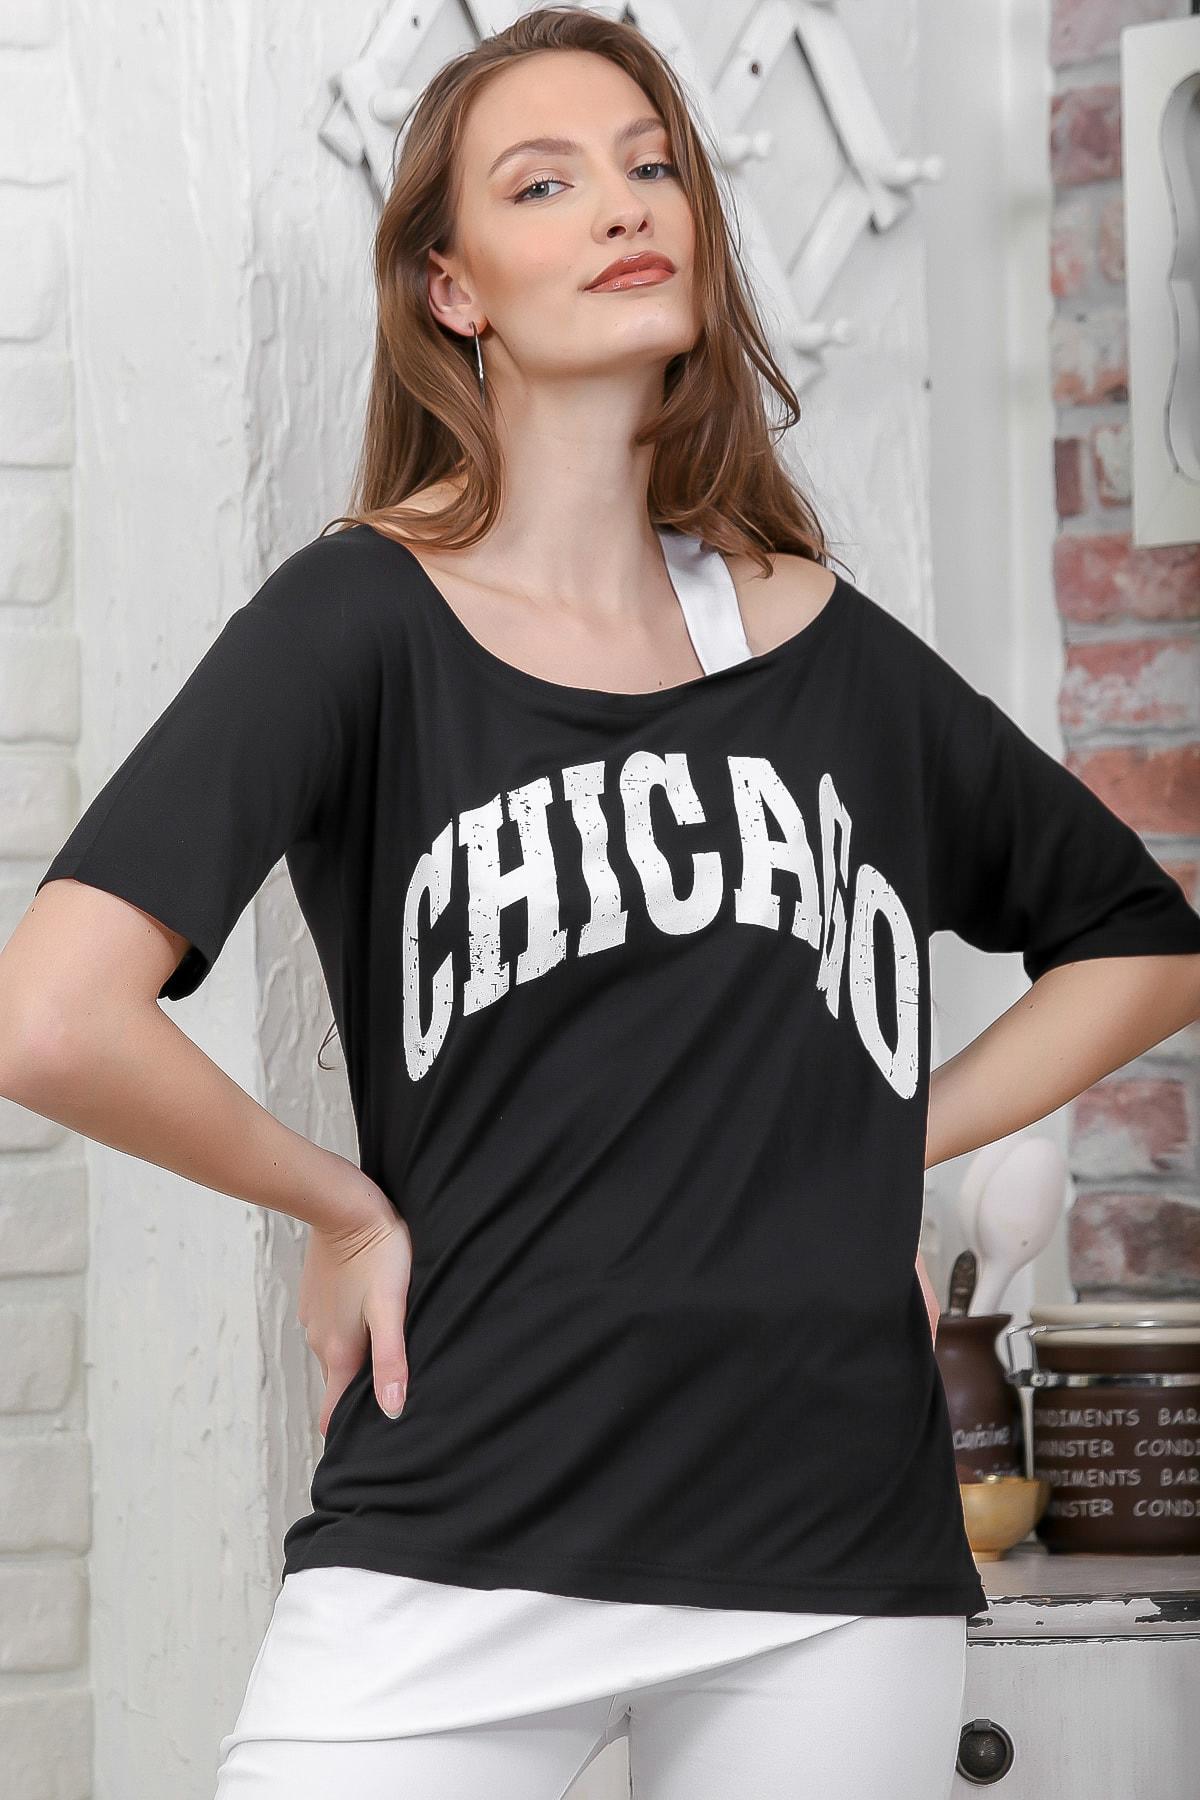 Chiccy Kadın Siyah Chıcago Baskılı Tek Omuz Askılı Etek Ucu Bloklu T-Shirt M10010300TS98274 2